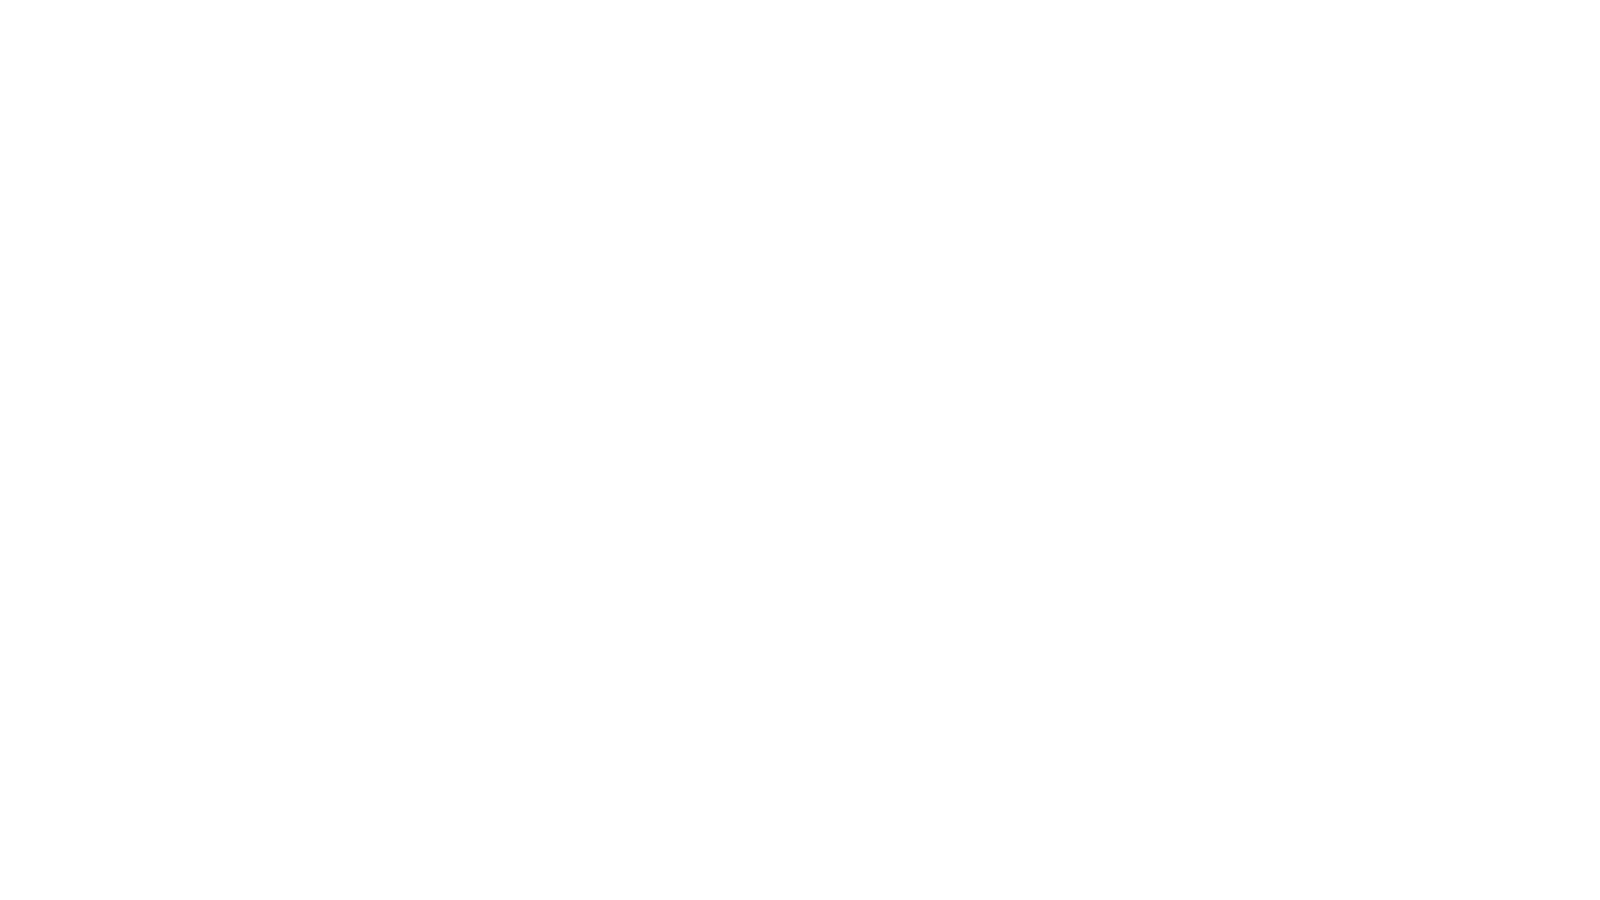 """👉Chceš trénovať, napredovať a vyhrávať?   Naša škola dlhodobo spolupracuje s trénermi: 📌 Martin Jedinák - tréner TK MLADOSŤ KOŠICE a  📌 Ivan Hudaček - TC Slávia UPJŠ Košice, ti radi pomôžu napredovať.   🧏♂️,,Príď medzi nás a hraj tenis!""""👊 #studujasportuj💪 #sssske🍀"""